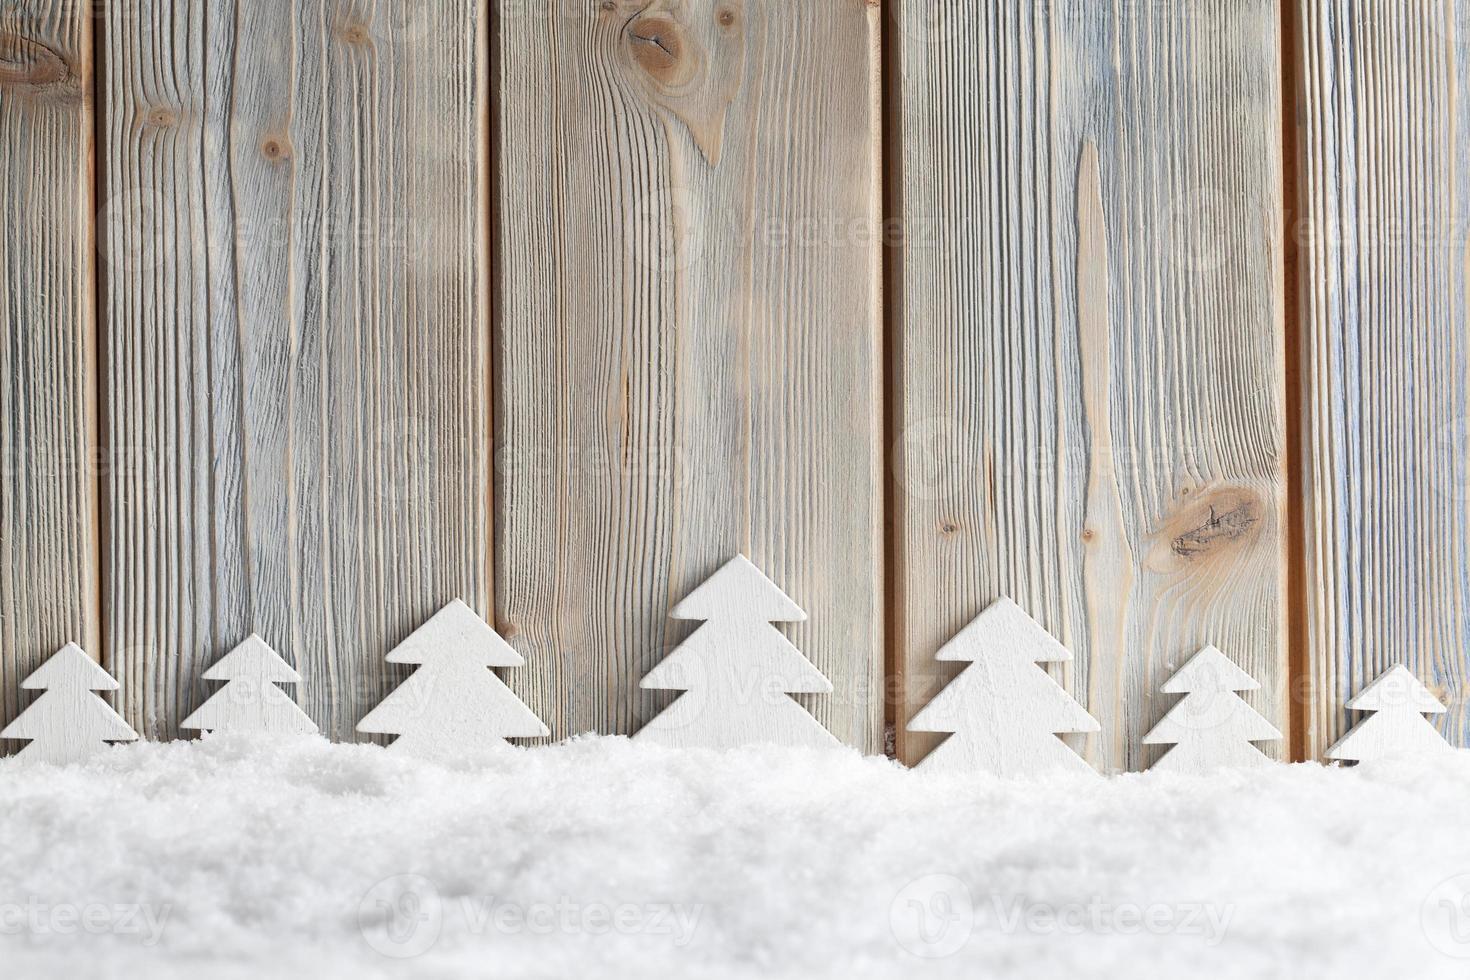 arbres de noël sur la neige et fond en bois photo